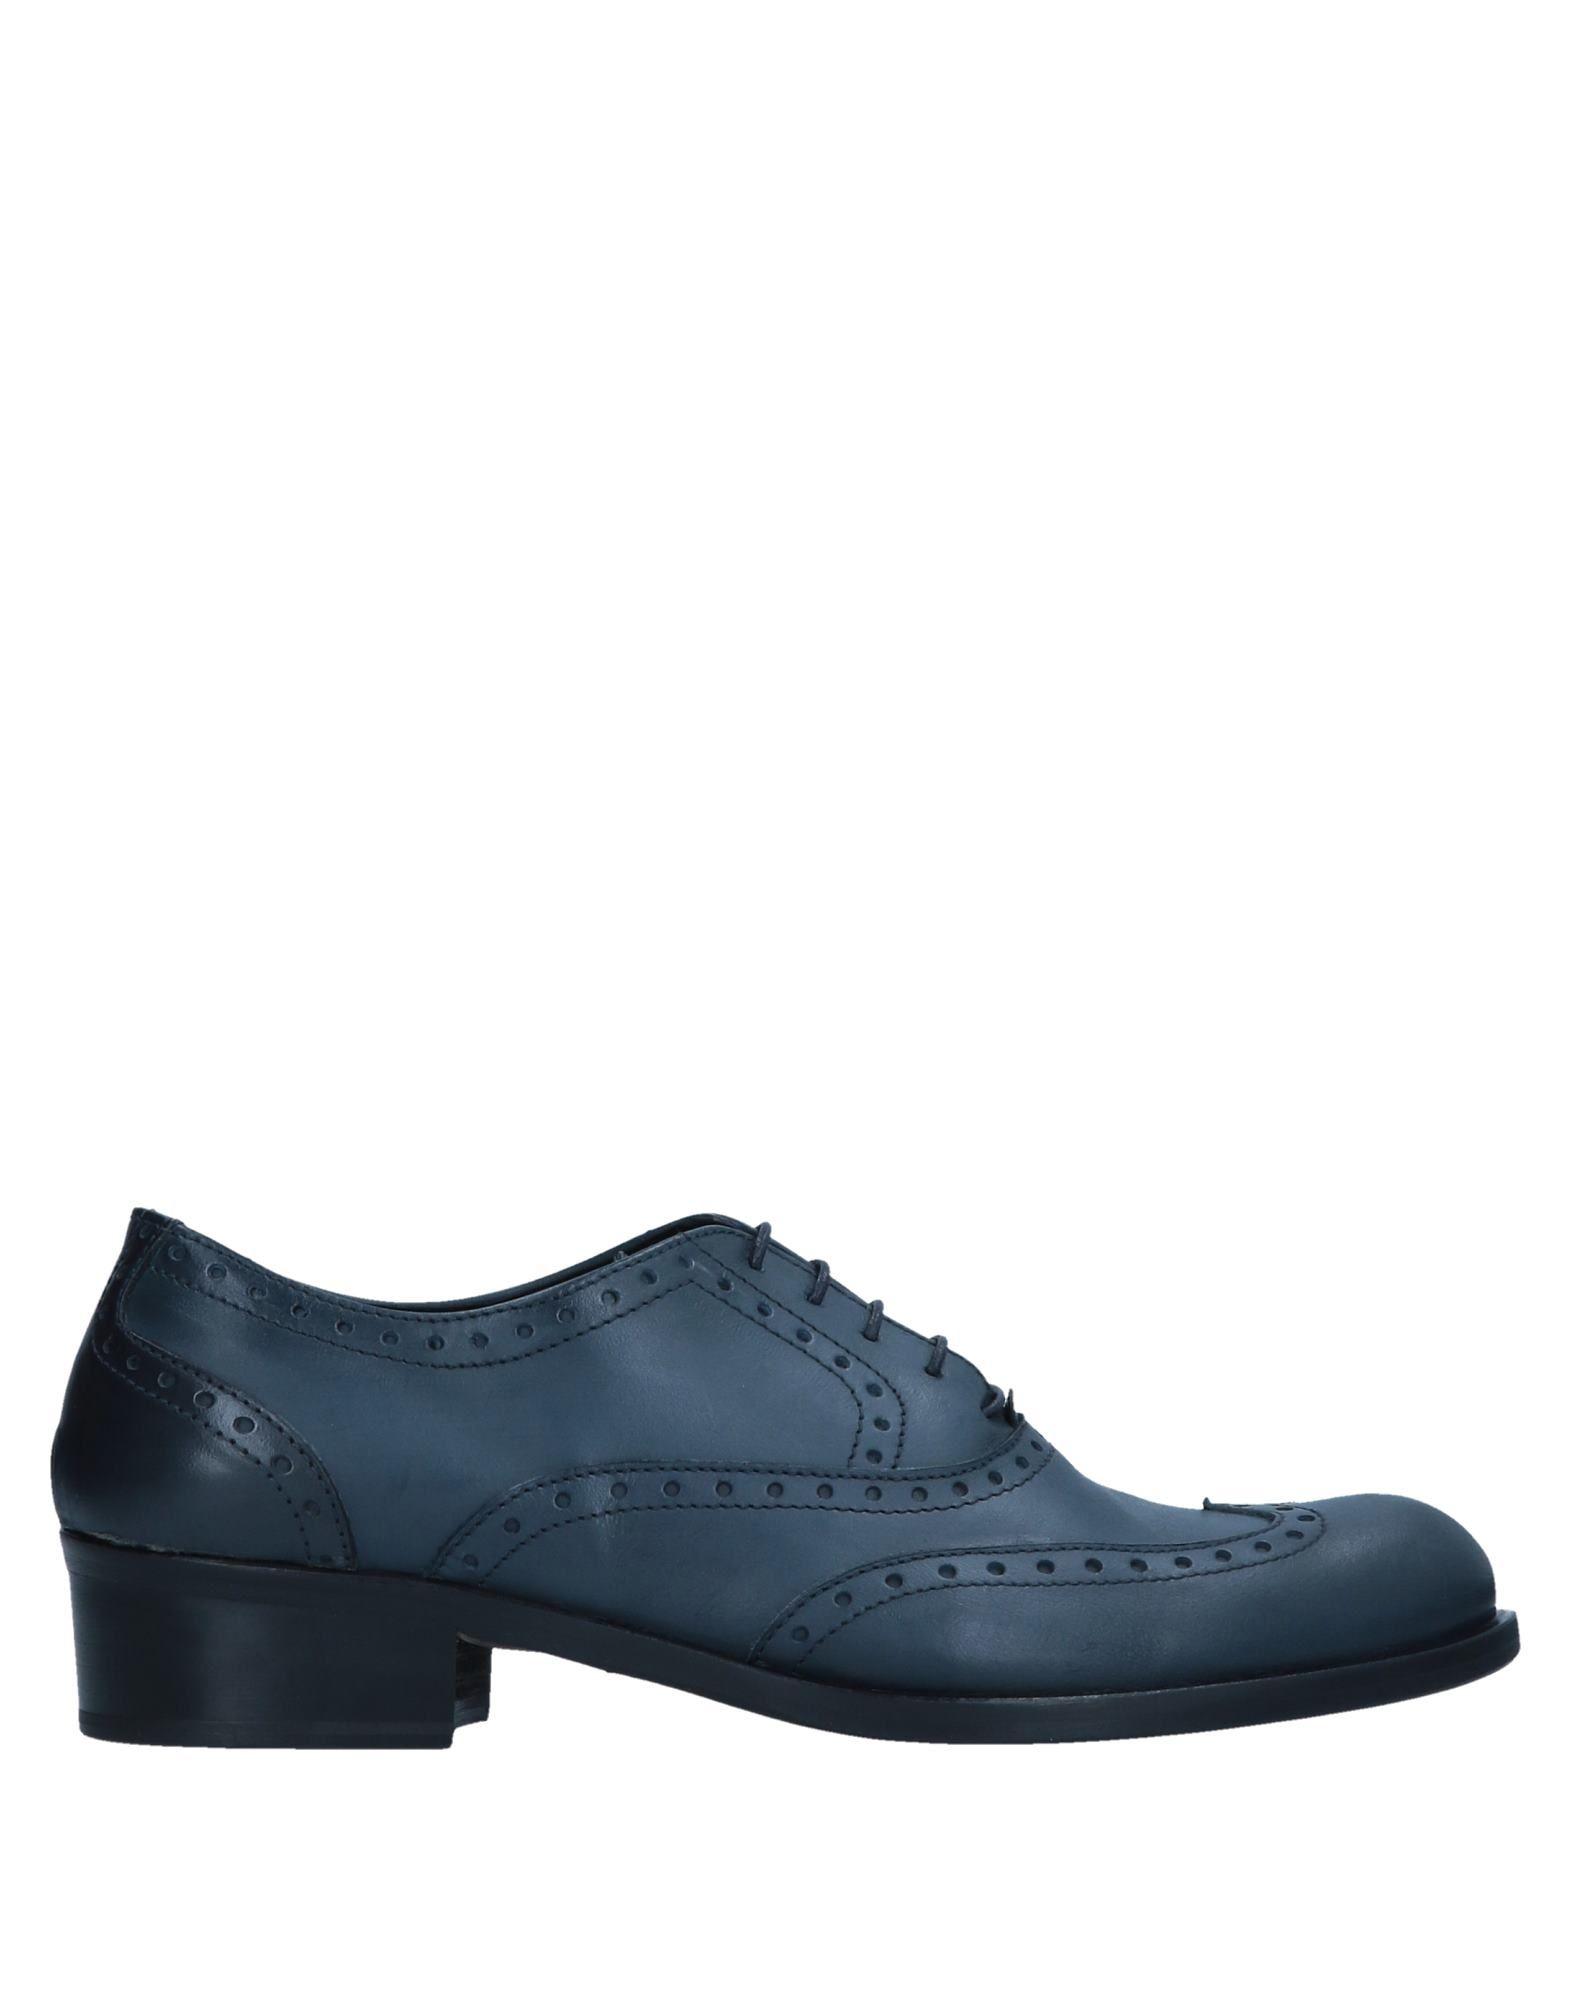 Rabatt Schuhe Gianfranco Lattanzi Schnürschuhe Damen  11551227WX